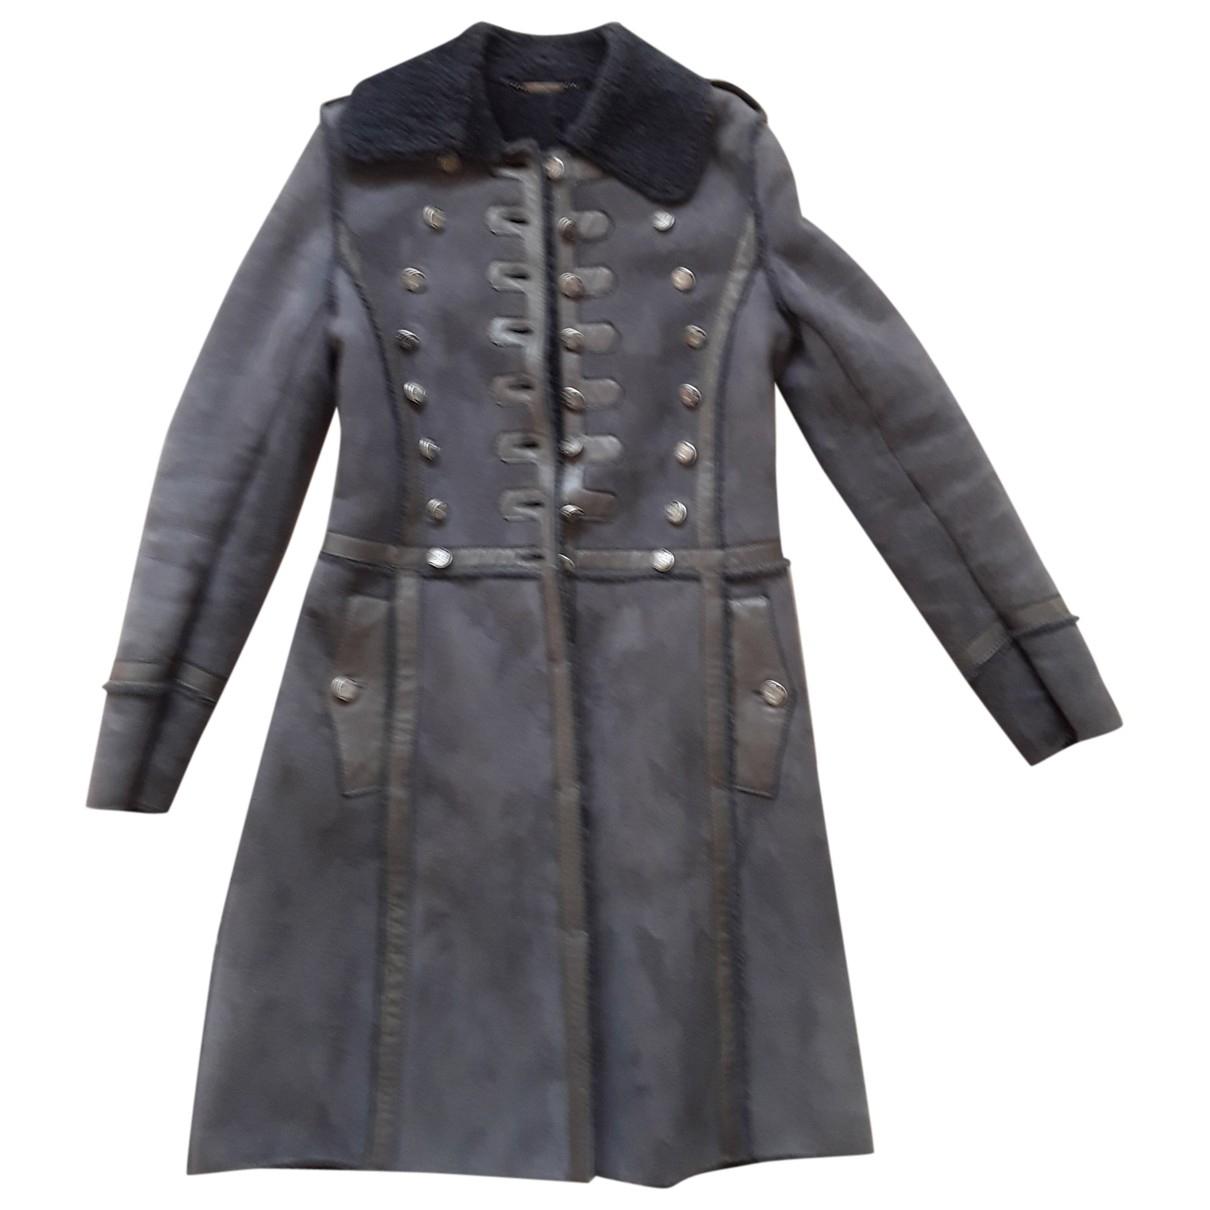 Dolce & Gabbana - Manteau   pour femme en mouton - gris